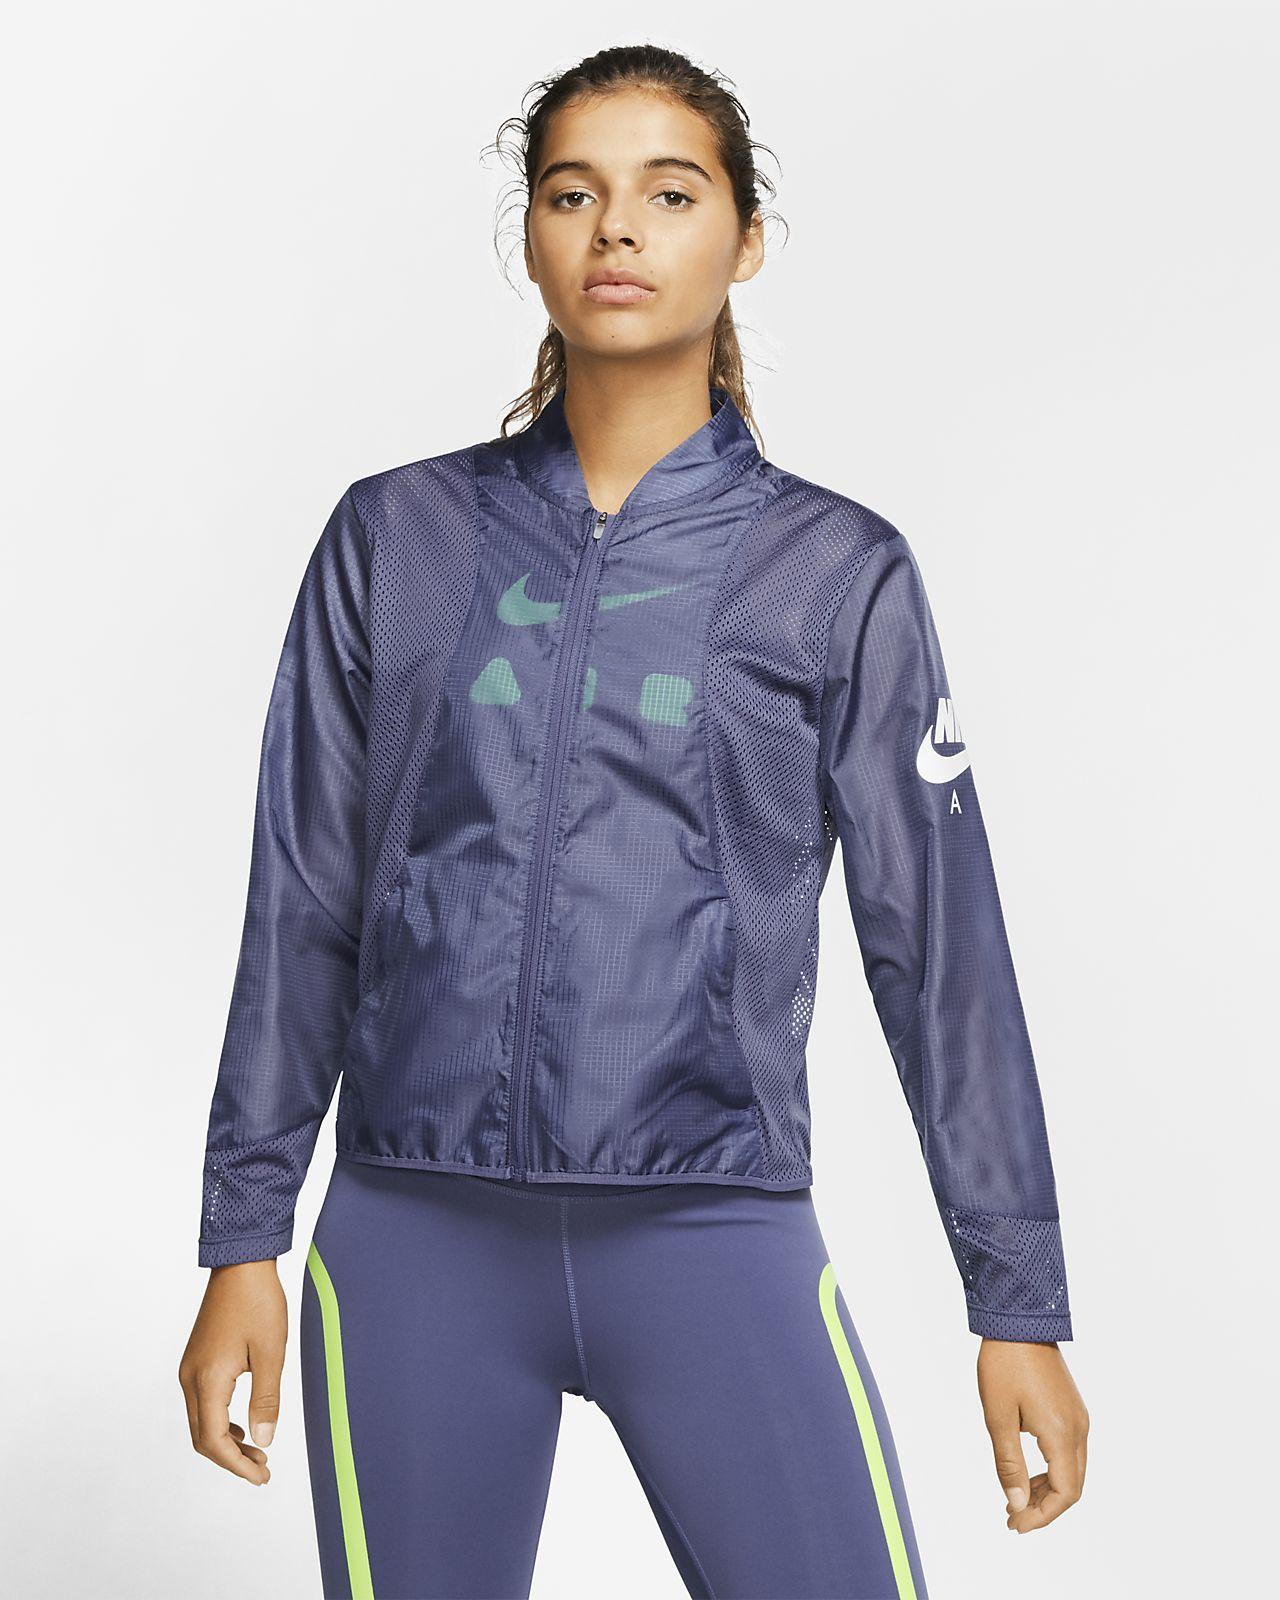 Nike-løbejakke til kvinder